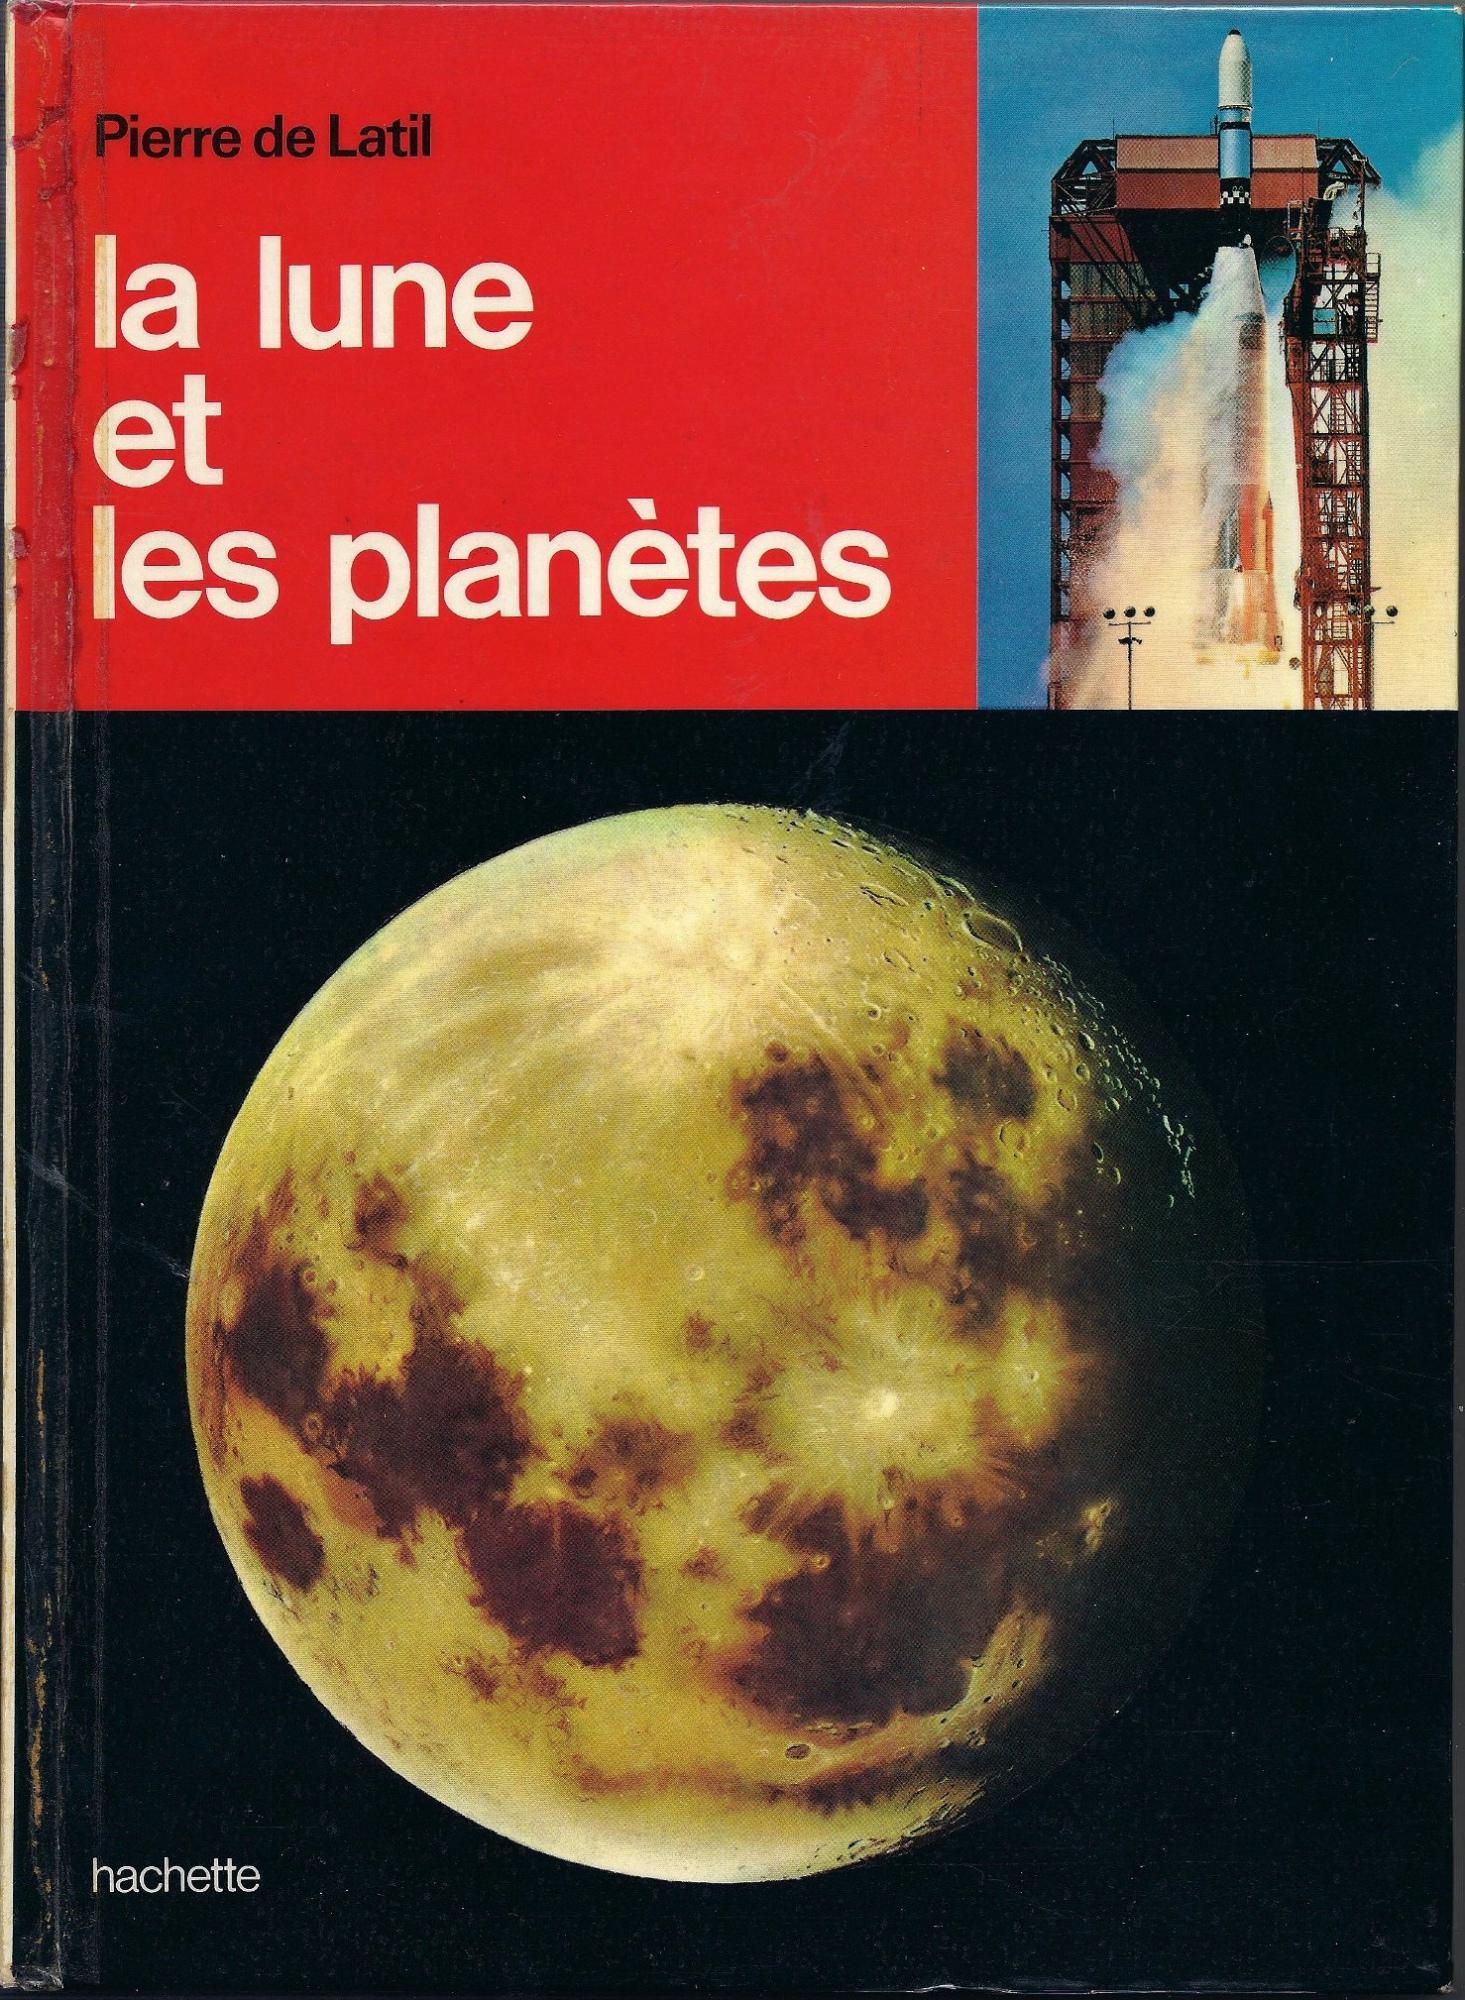 5da06458748cb_La-lune-et-les-plantes_Pierre-de-Latil_Hachette_1969_couverture.thumb.JPG.8318da7ed1e93284da383d8e2fa4461f.JPG